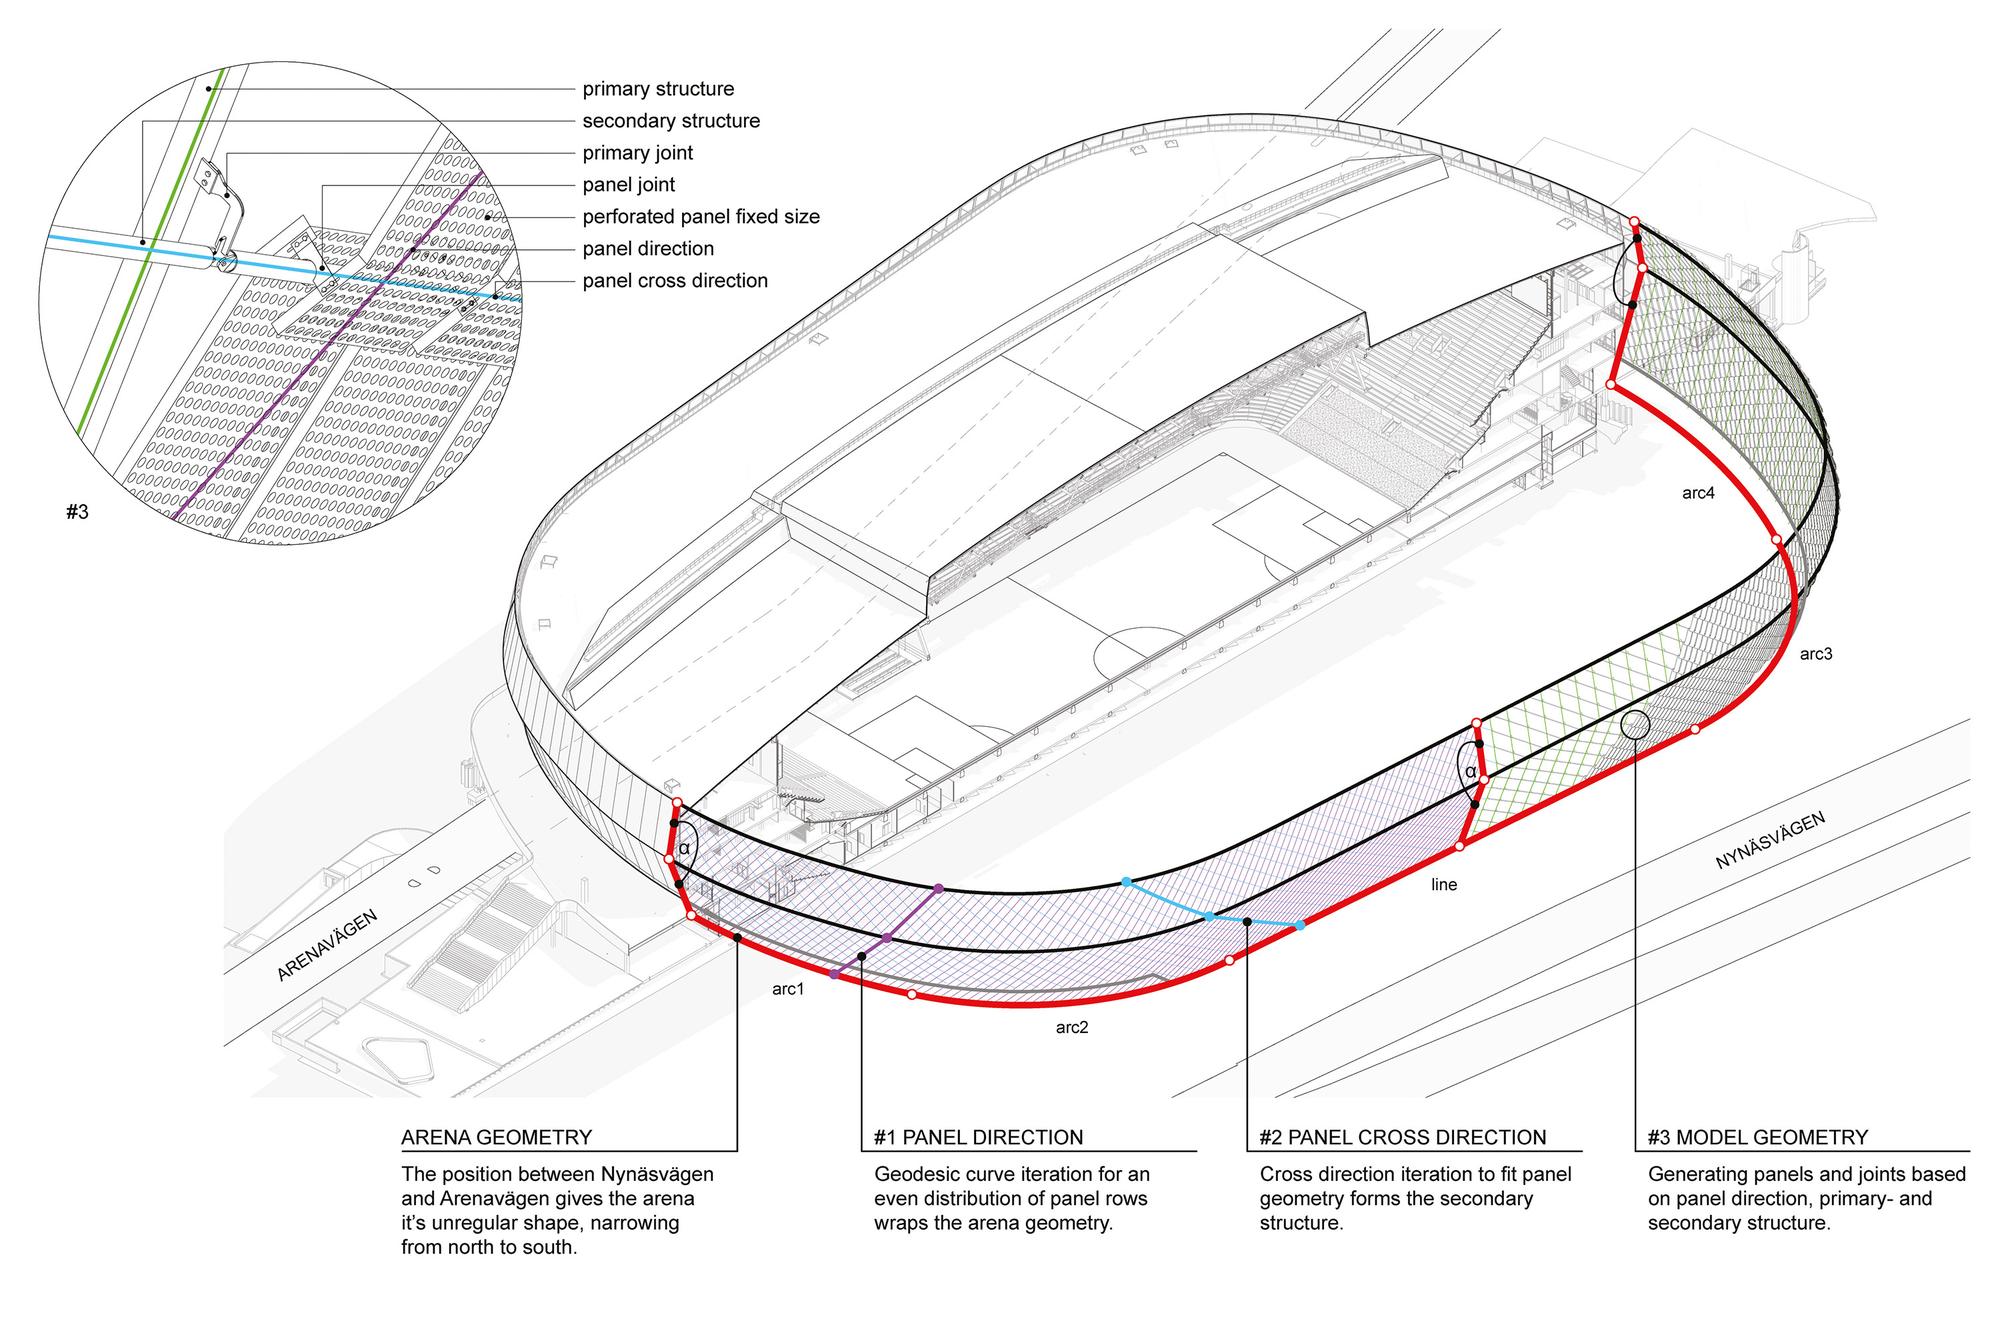 Arena Tele2 / White arkitekter. Axonométrica + Detalle